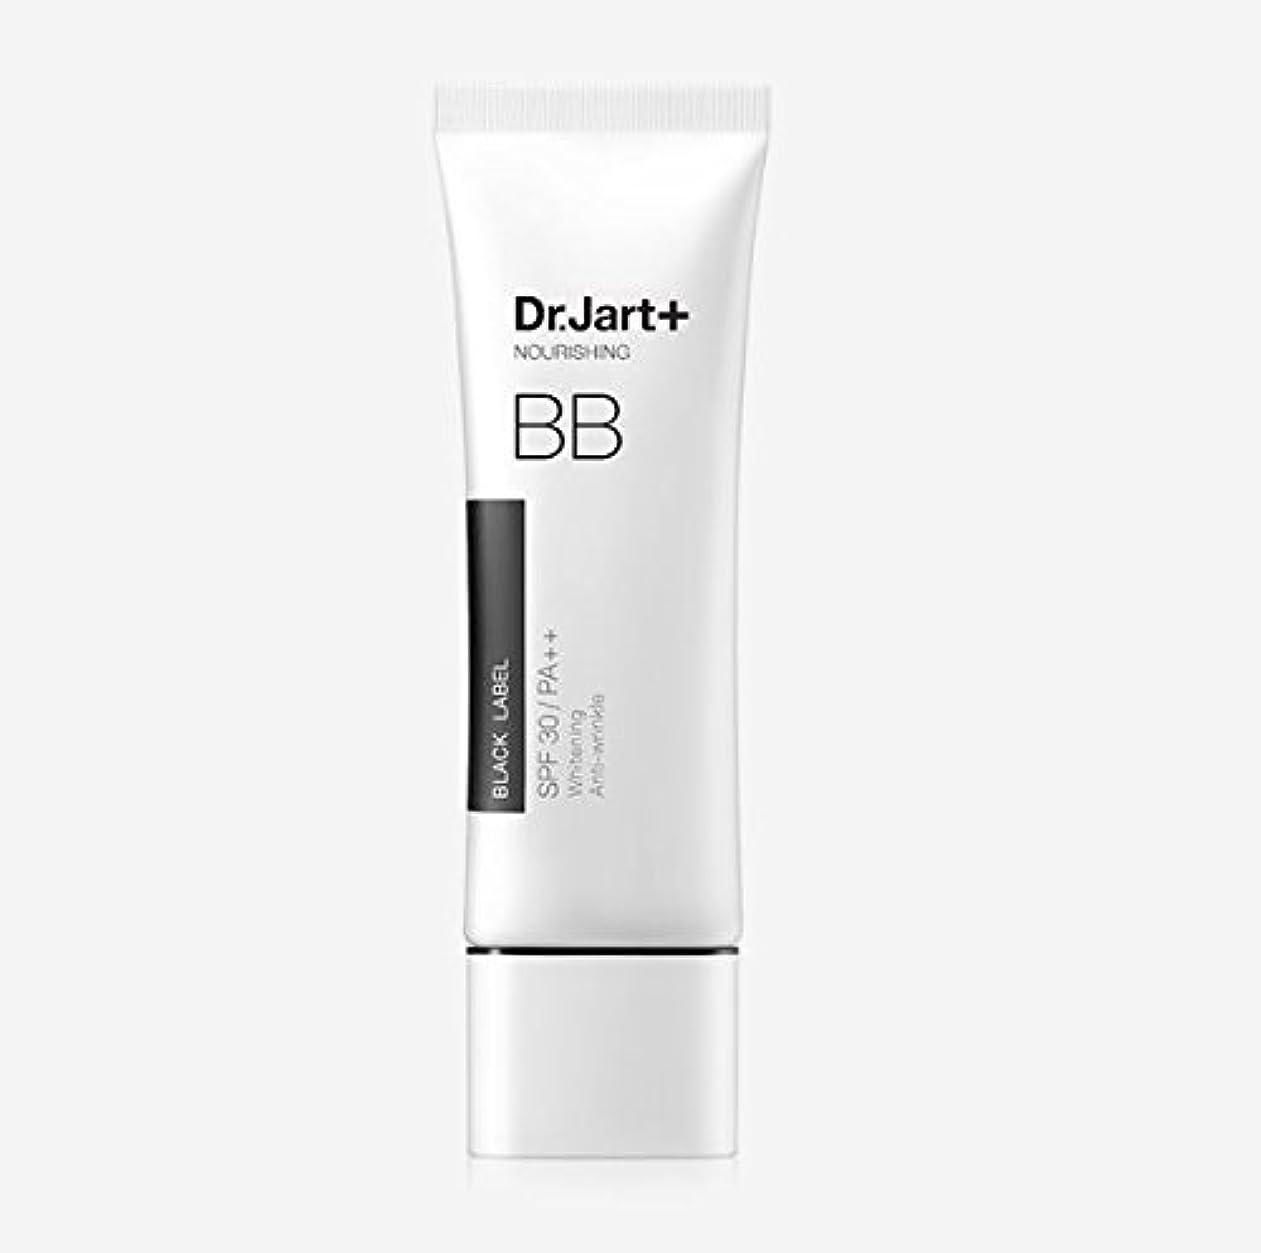 ジャズマーティンルーサーキングジュニア葉[Dr. Jart] Black Label BB Nourishing Beauty Balm 50ml SPF30 PA++/[ドクタージャルト] ブラックラベル BB ナリーシン ビューティー バーム 50ml SPF30...